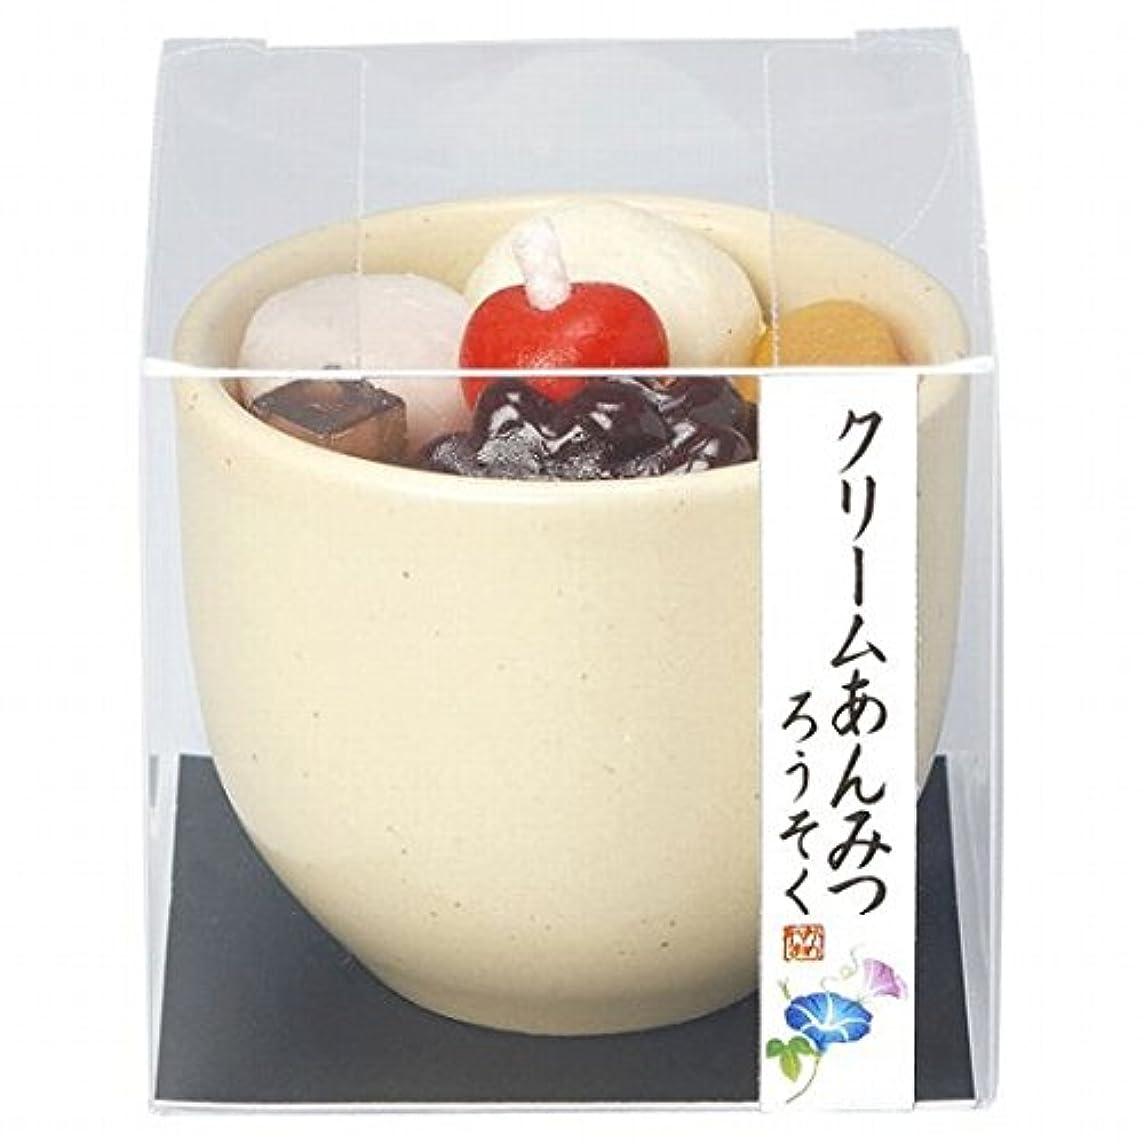 届けるベイビー空気カメヤマキャンドル( kameyama candle ) クリームあんみつキャンドル